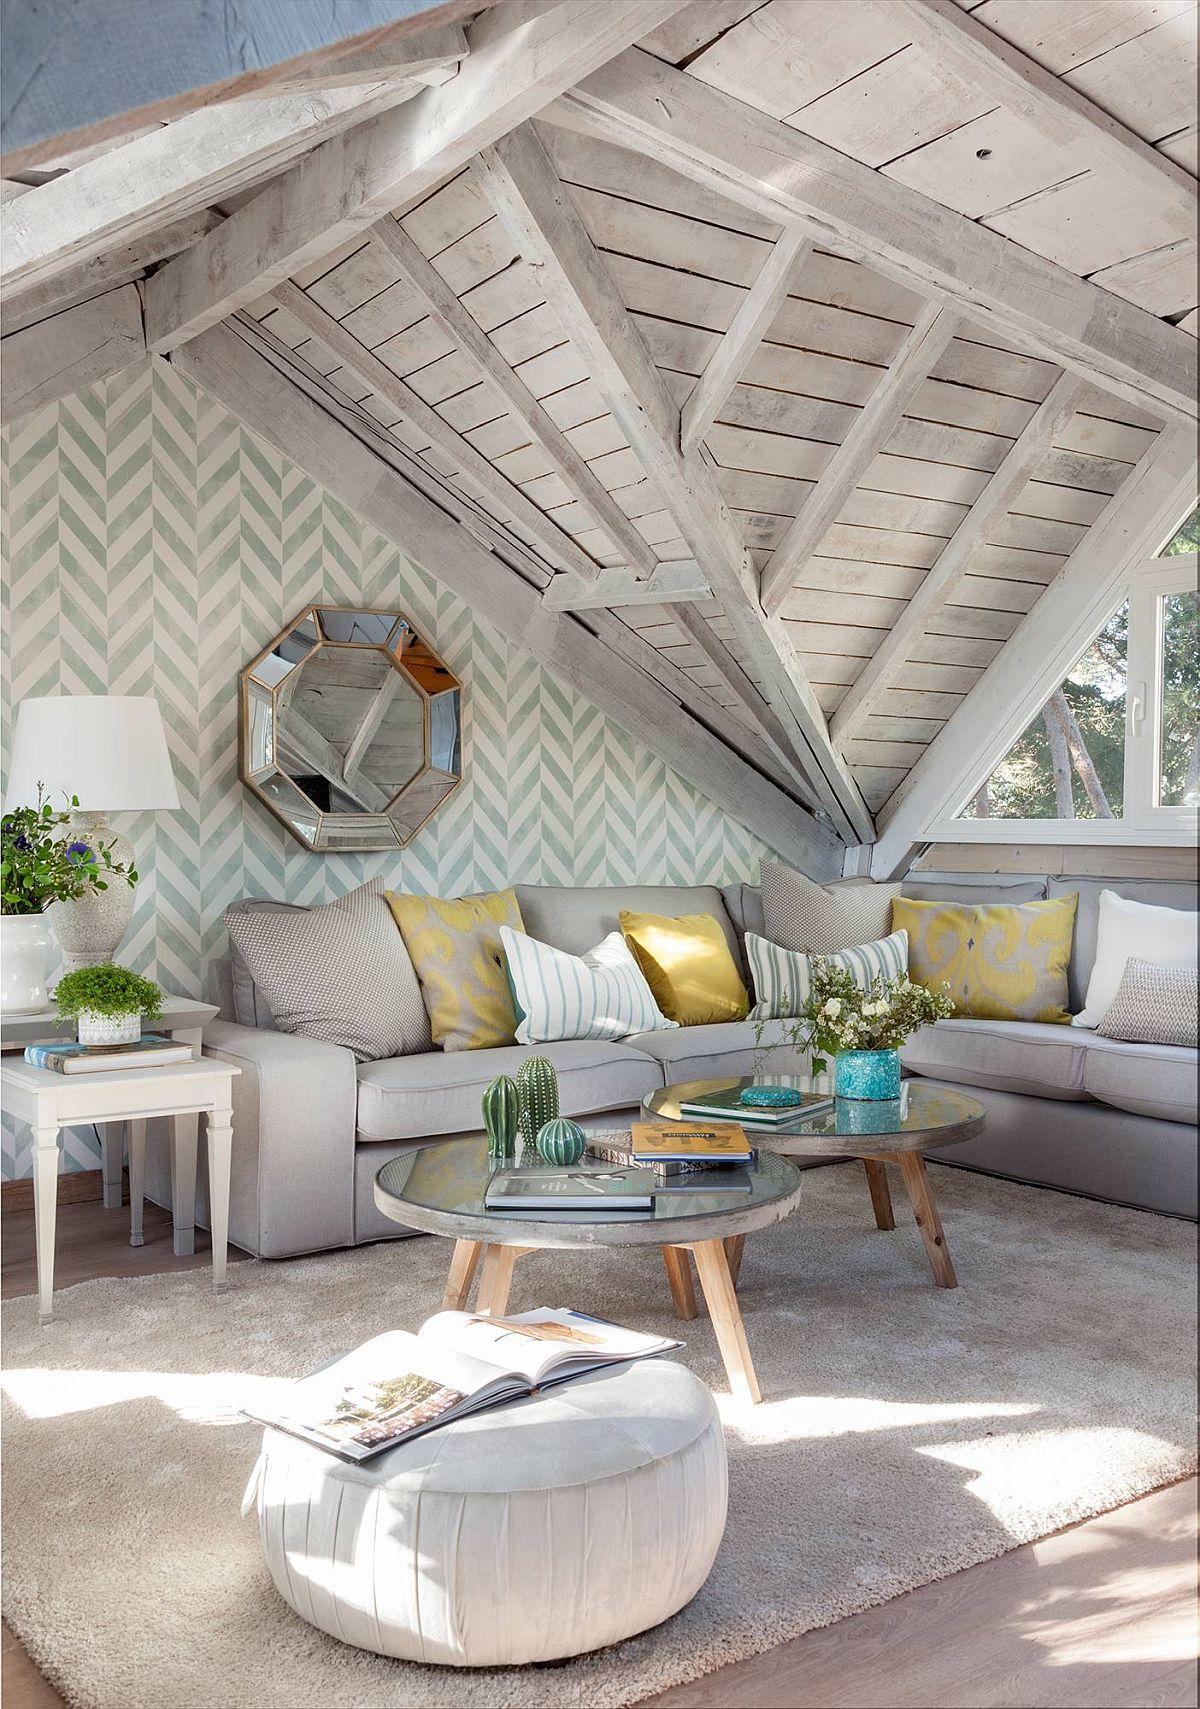 La mansardă există un spațiu de tip loft, folosit de către familie ca living secundar. Aici canapeaua a fost retapițată într-o nuanță deschisă, dar neutră, covorul ales asemenea, iar petele de culoare au fost date prin prezența obiectelor mici - perne, decorațiuni. Toată lemnăria de la nivelul plafonului a fost vopsită în alb, iar efectul final rezultat a fost de finisaj imperfect vintage, dar foarte potrivit spațiului.